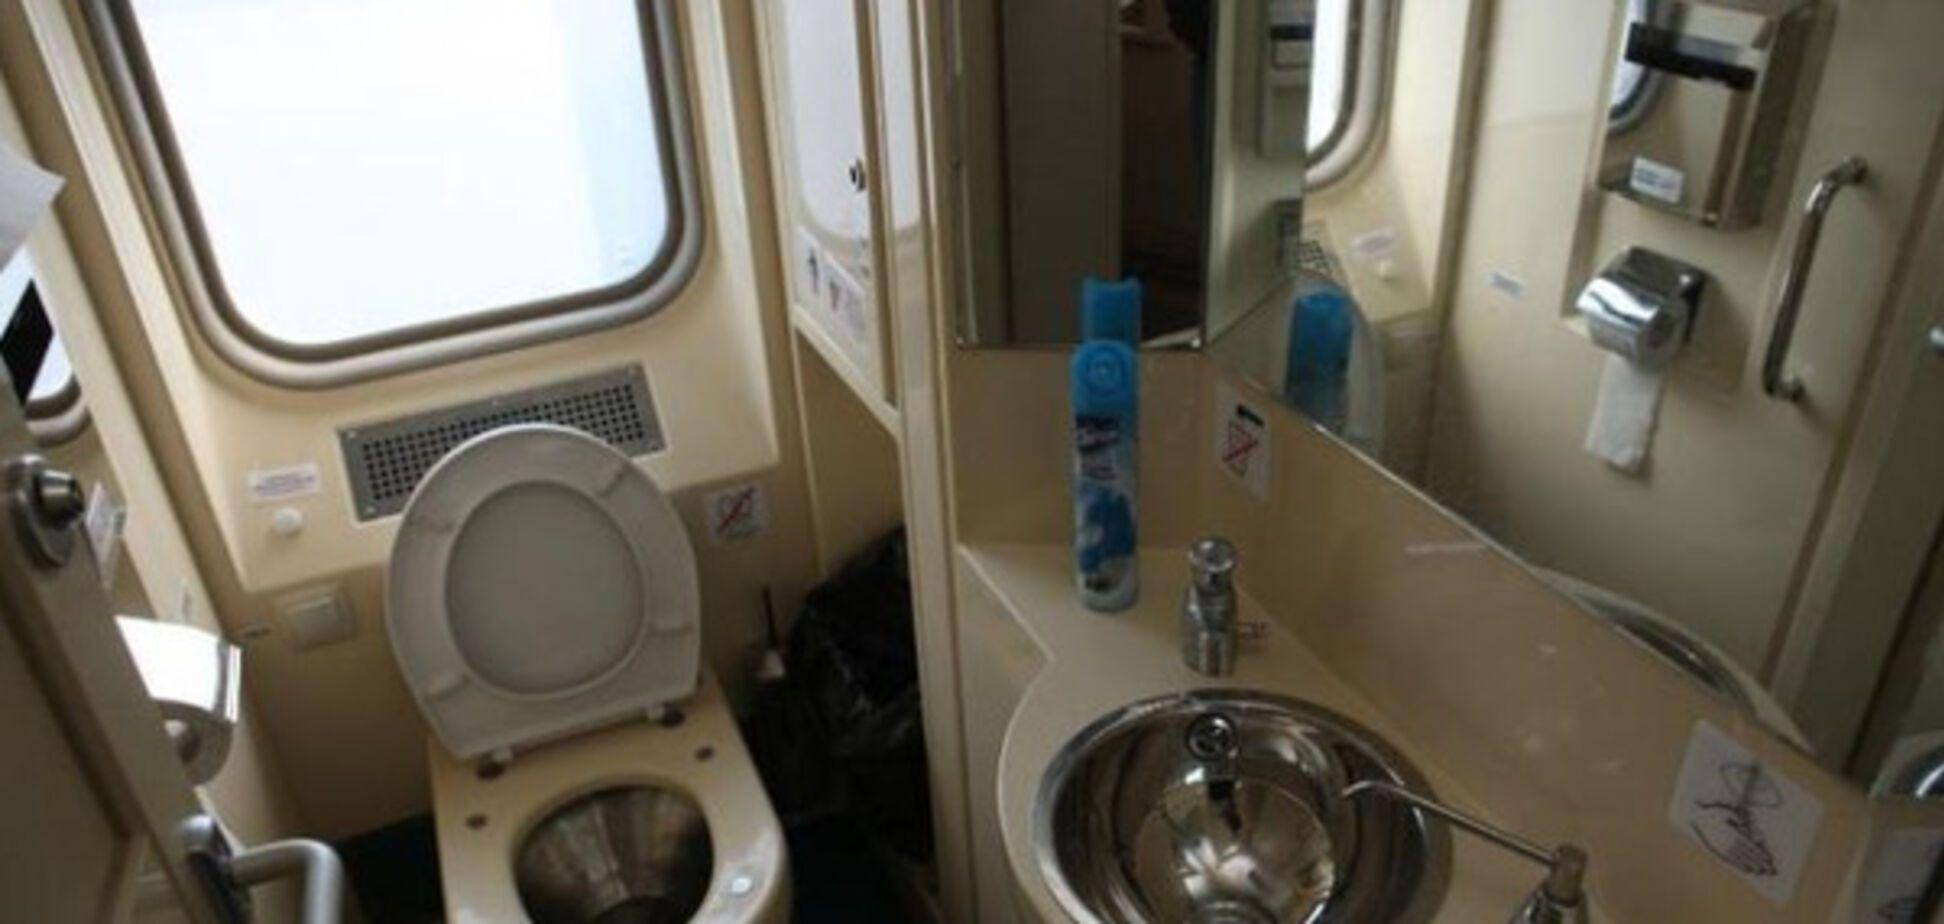 'Укрзалізниця' решила купить туалеты для поездов по цене квартиры за штуку